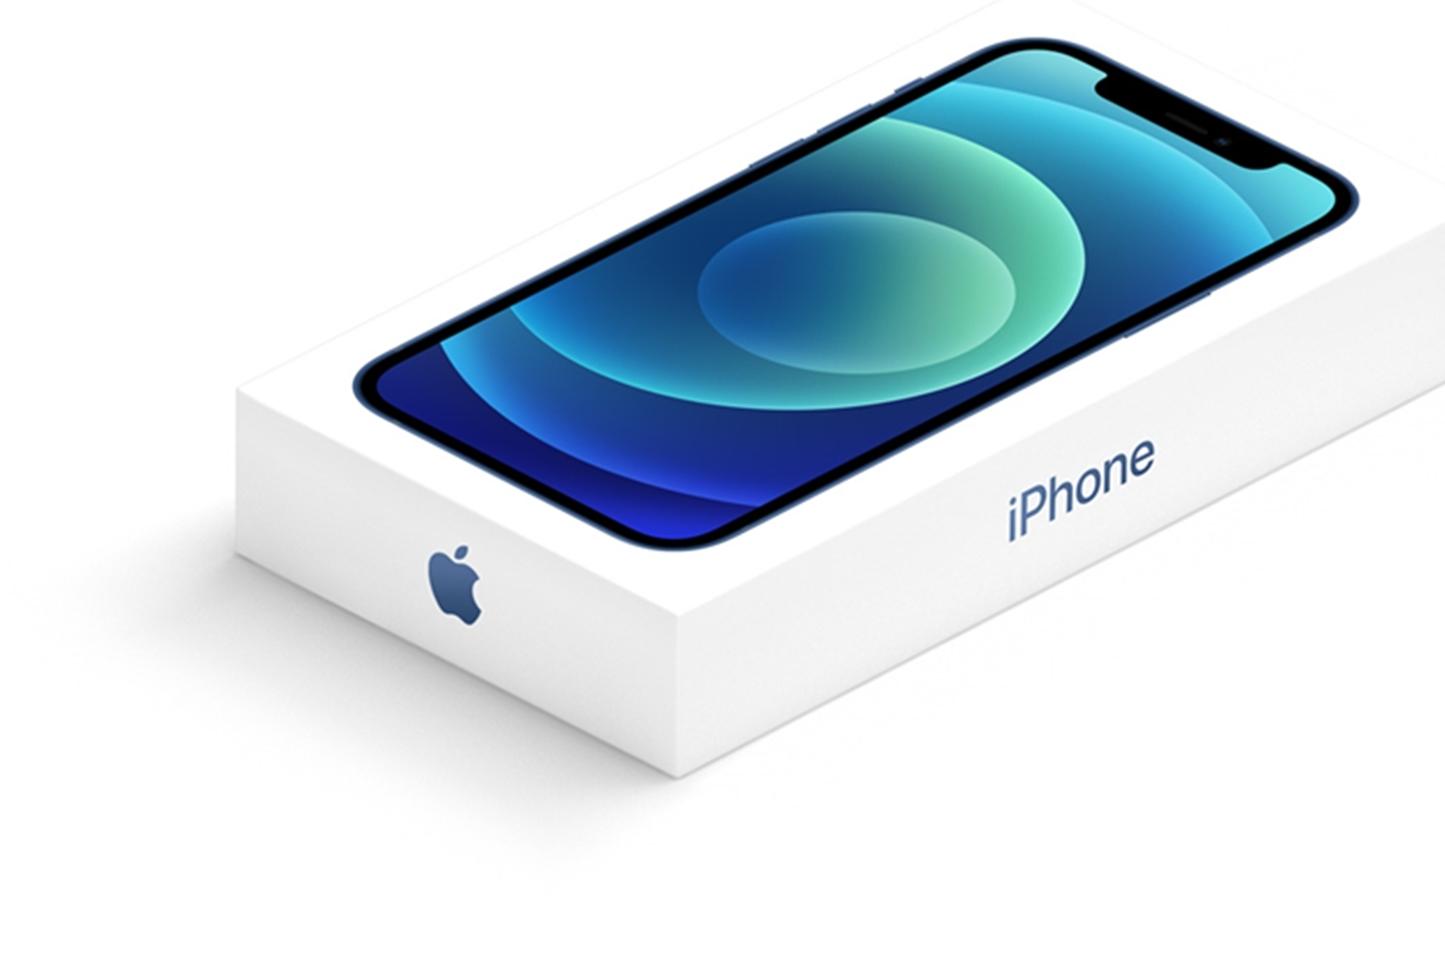 iPhone12Pro:溢价2000元,等等党大呼伤不起